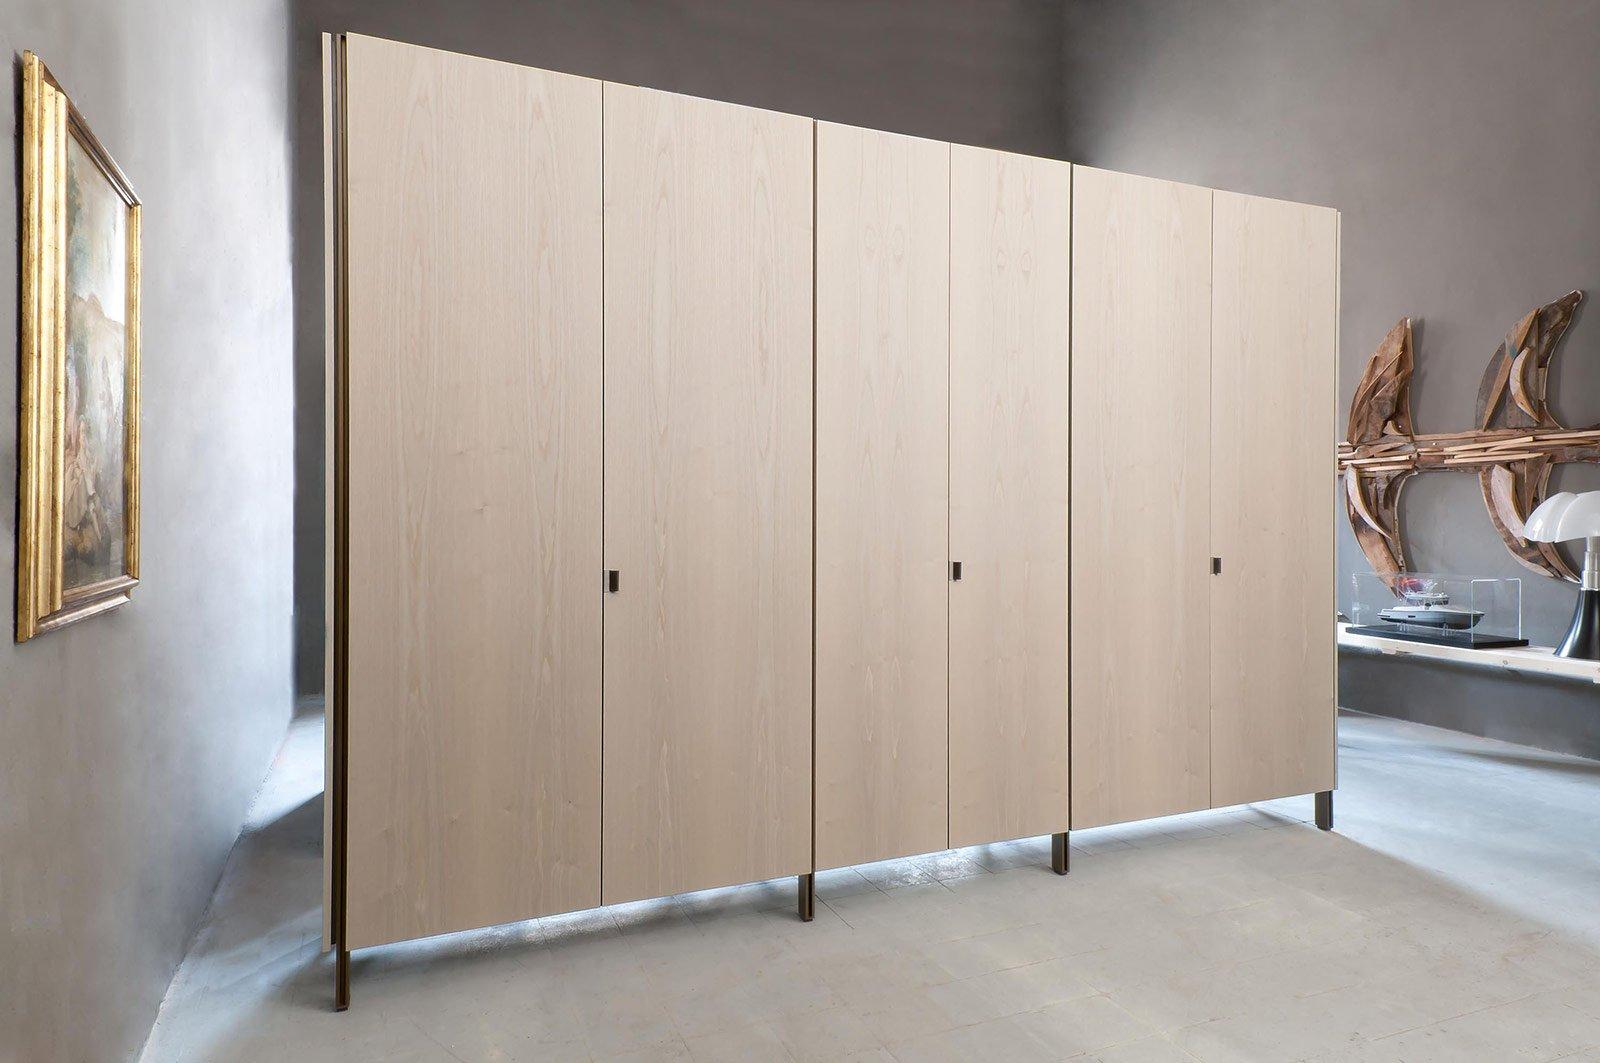 Salone del mobile 2014 le novit sugli armadi cose di casa for Materiali per mobili